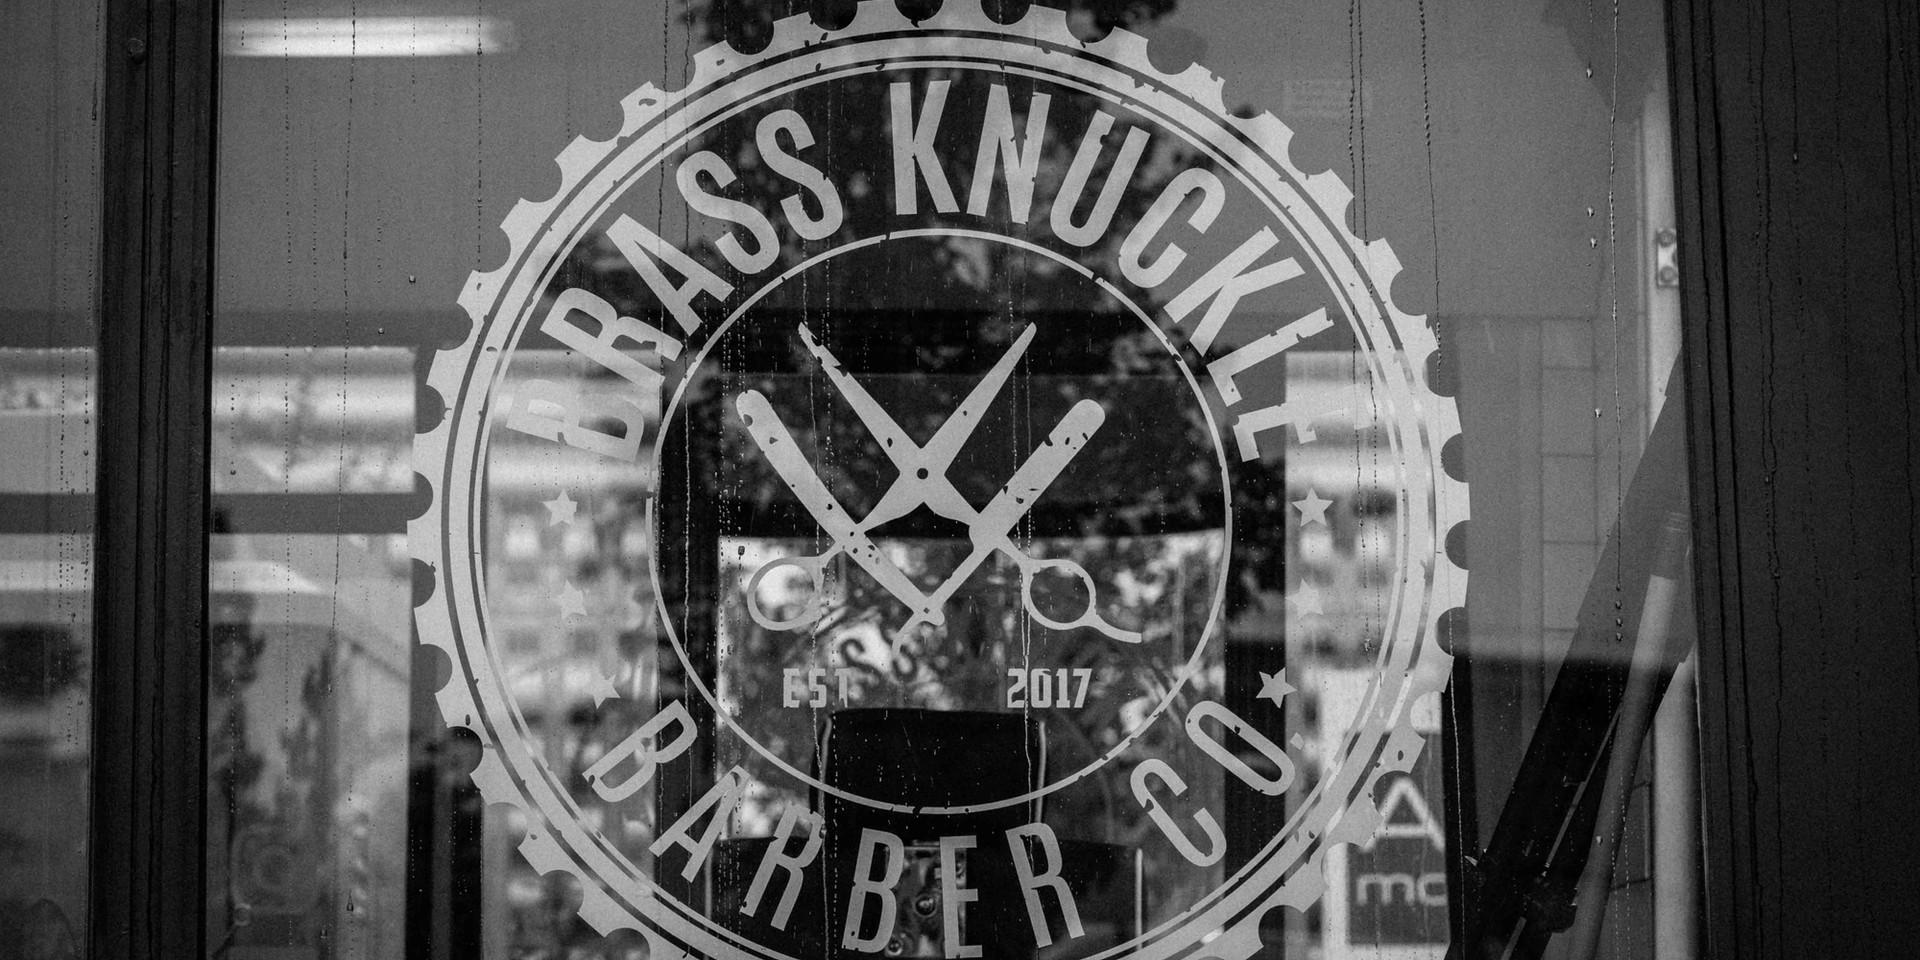 Brass Knuckle Barber co logo